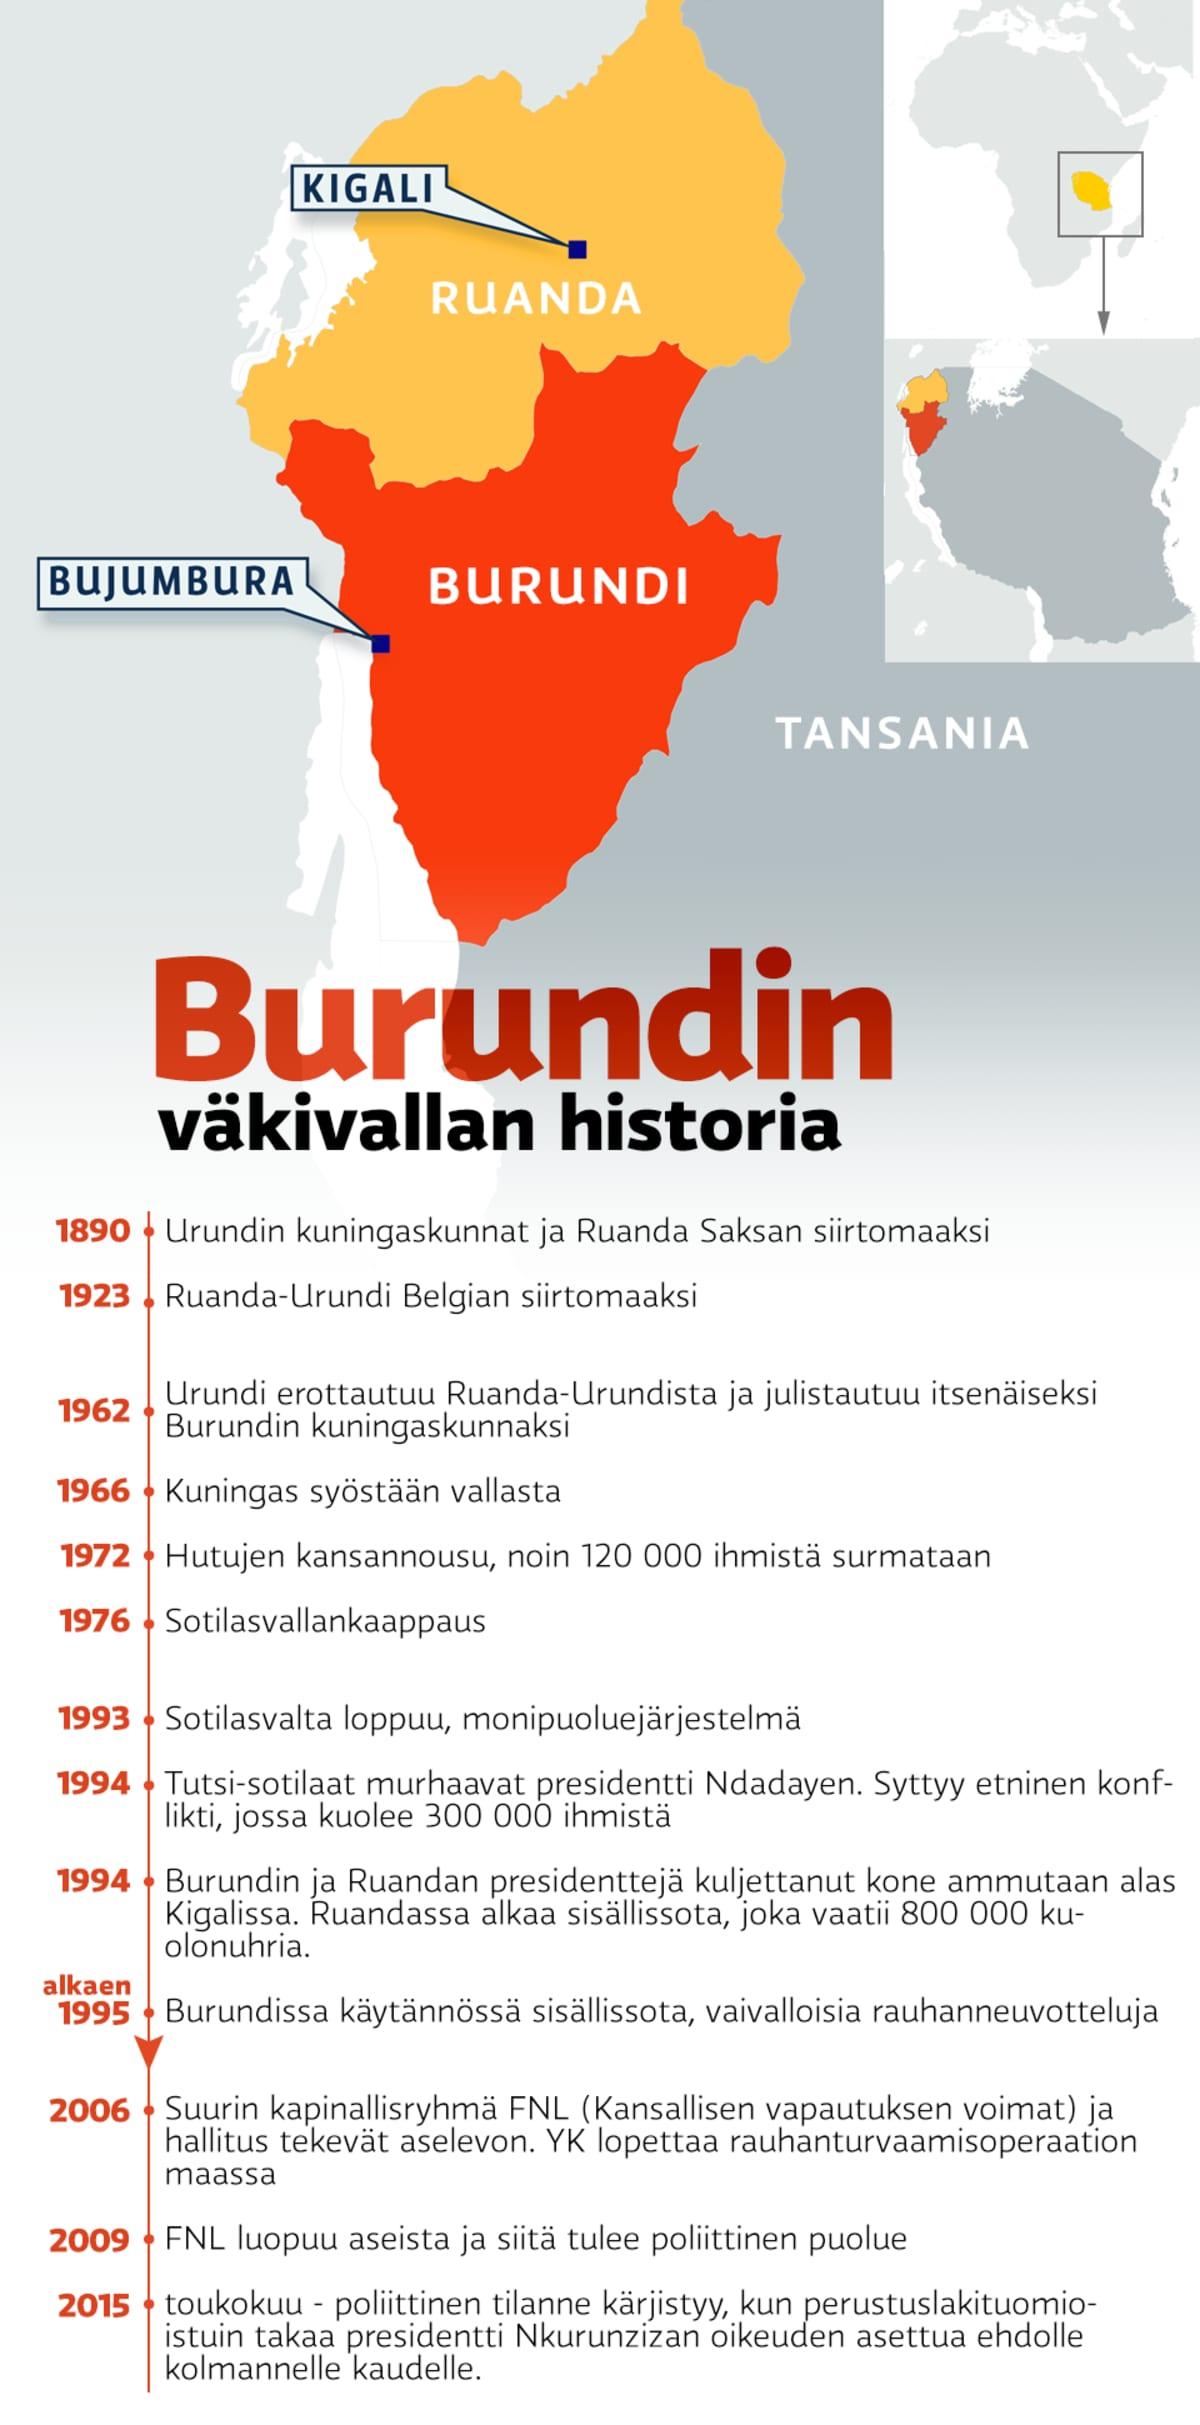 Aikajanagrafiikka Burundin väkivaltaisesta historiasta 1890-luvulta nykypäivään.